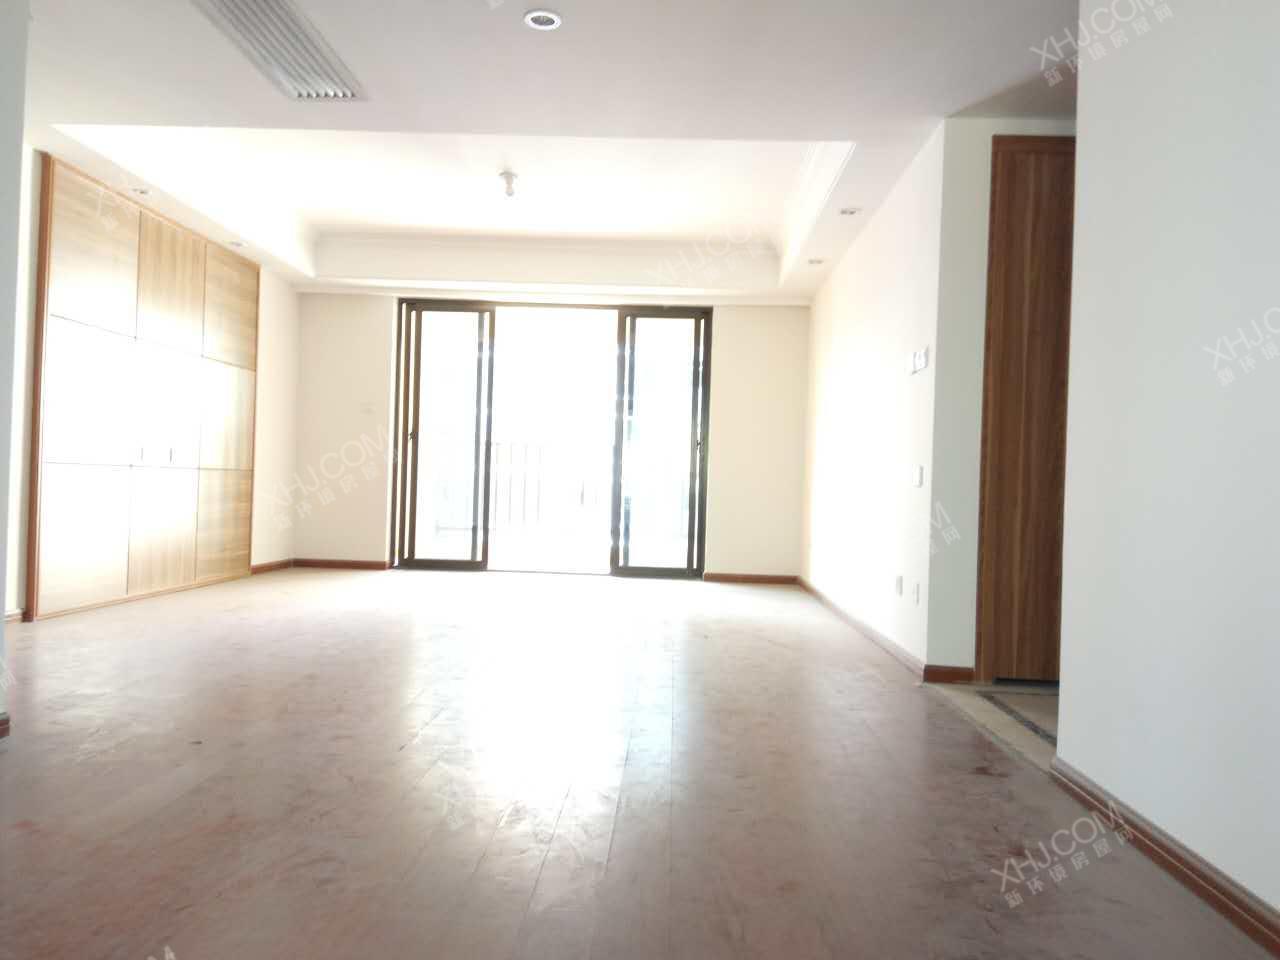 曲江华著中城  3室2厅2卫    290.0万